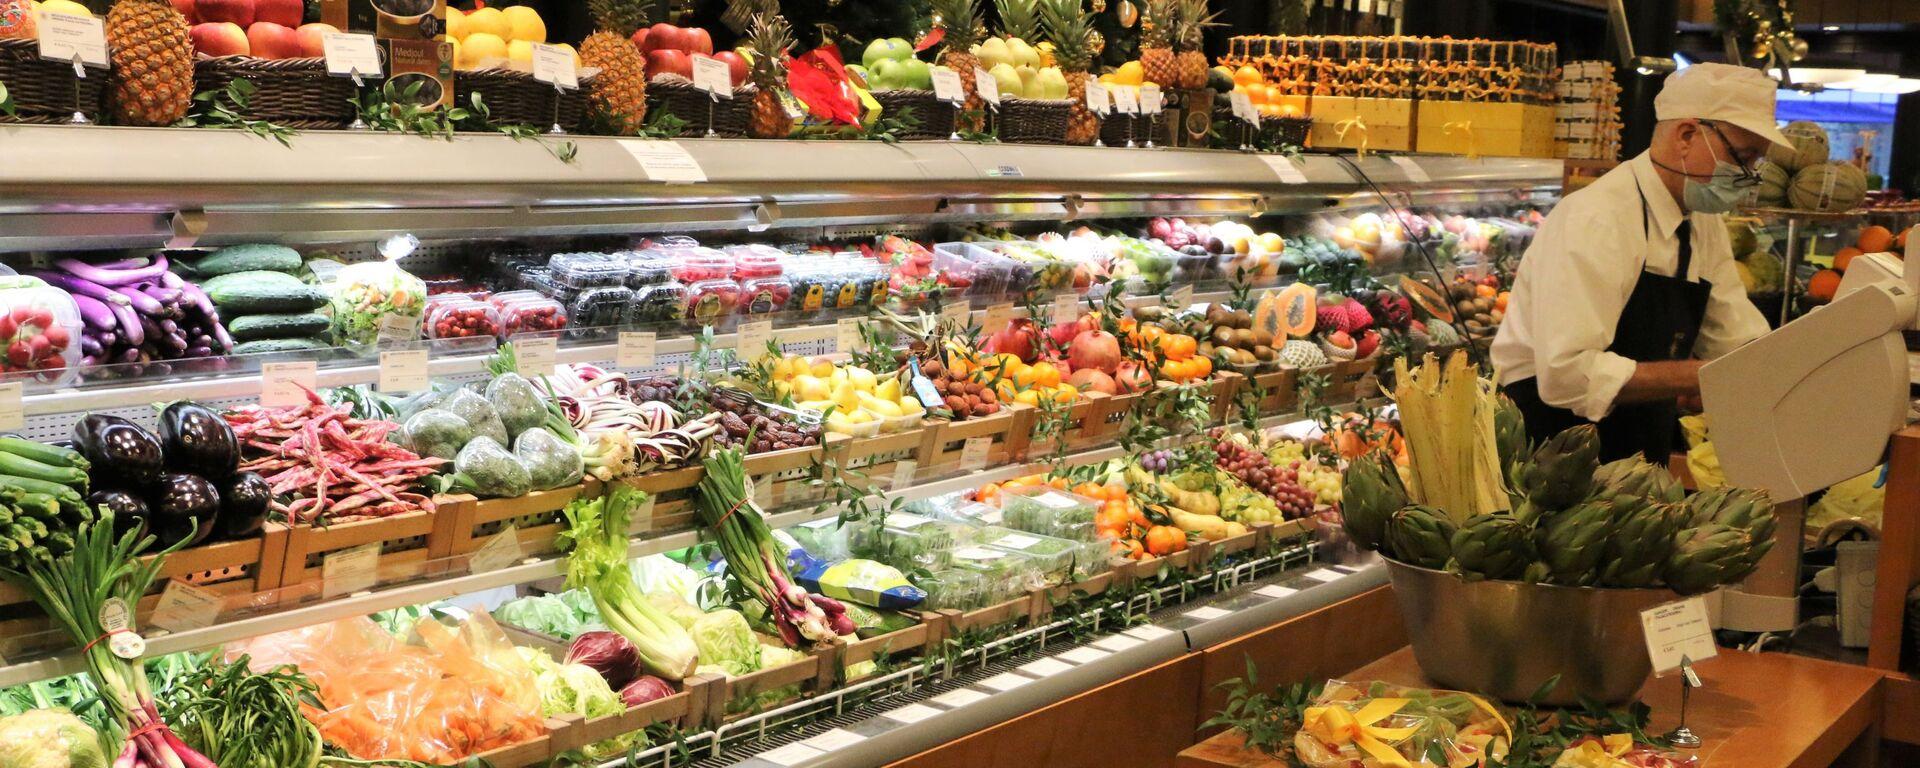 Banco di frutta e verdura in un supermercato - Sputnik Italia, 1920, 18.04.2021